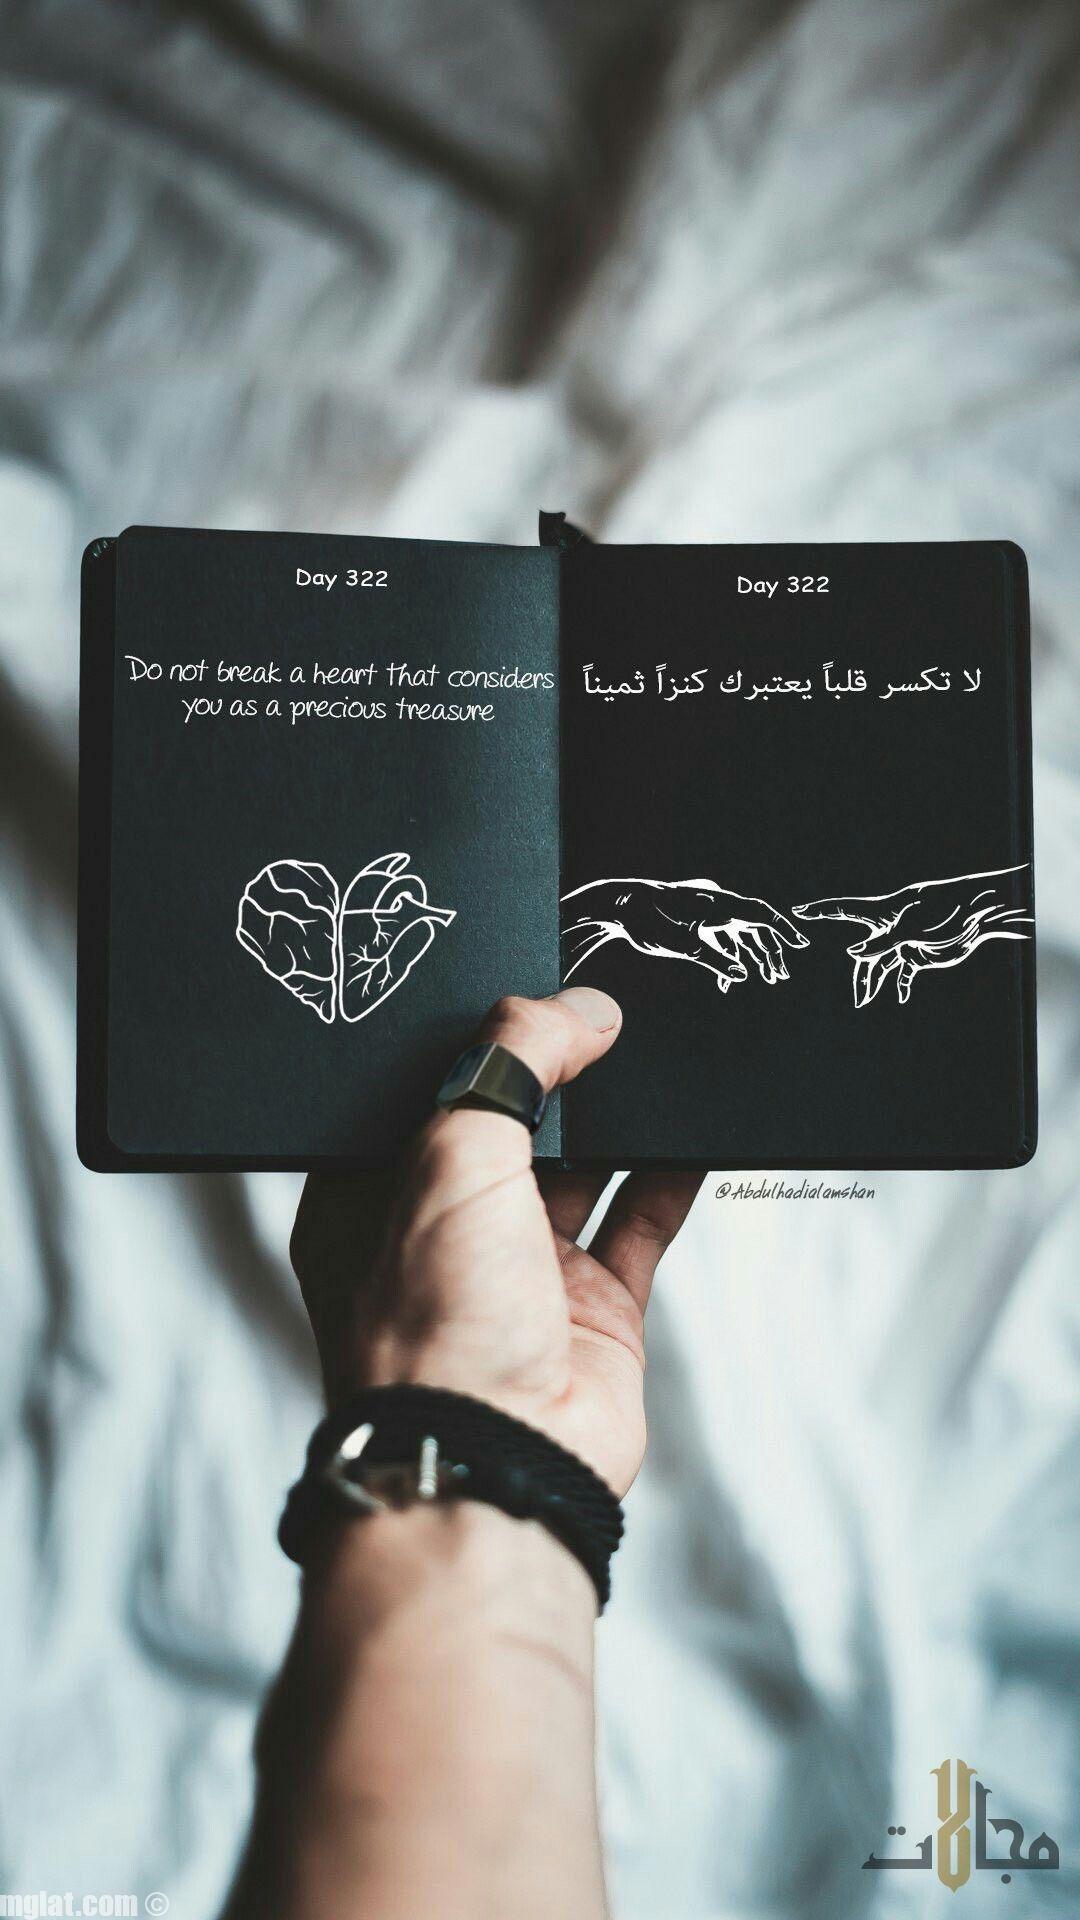 صور حالات وخلفيات انستجرام 2019 7 Arabic Quotes Quran Quotes Islamic Inspirational Quotes